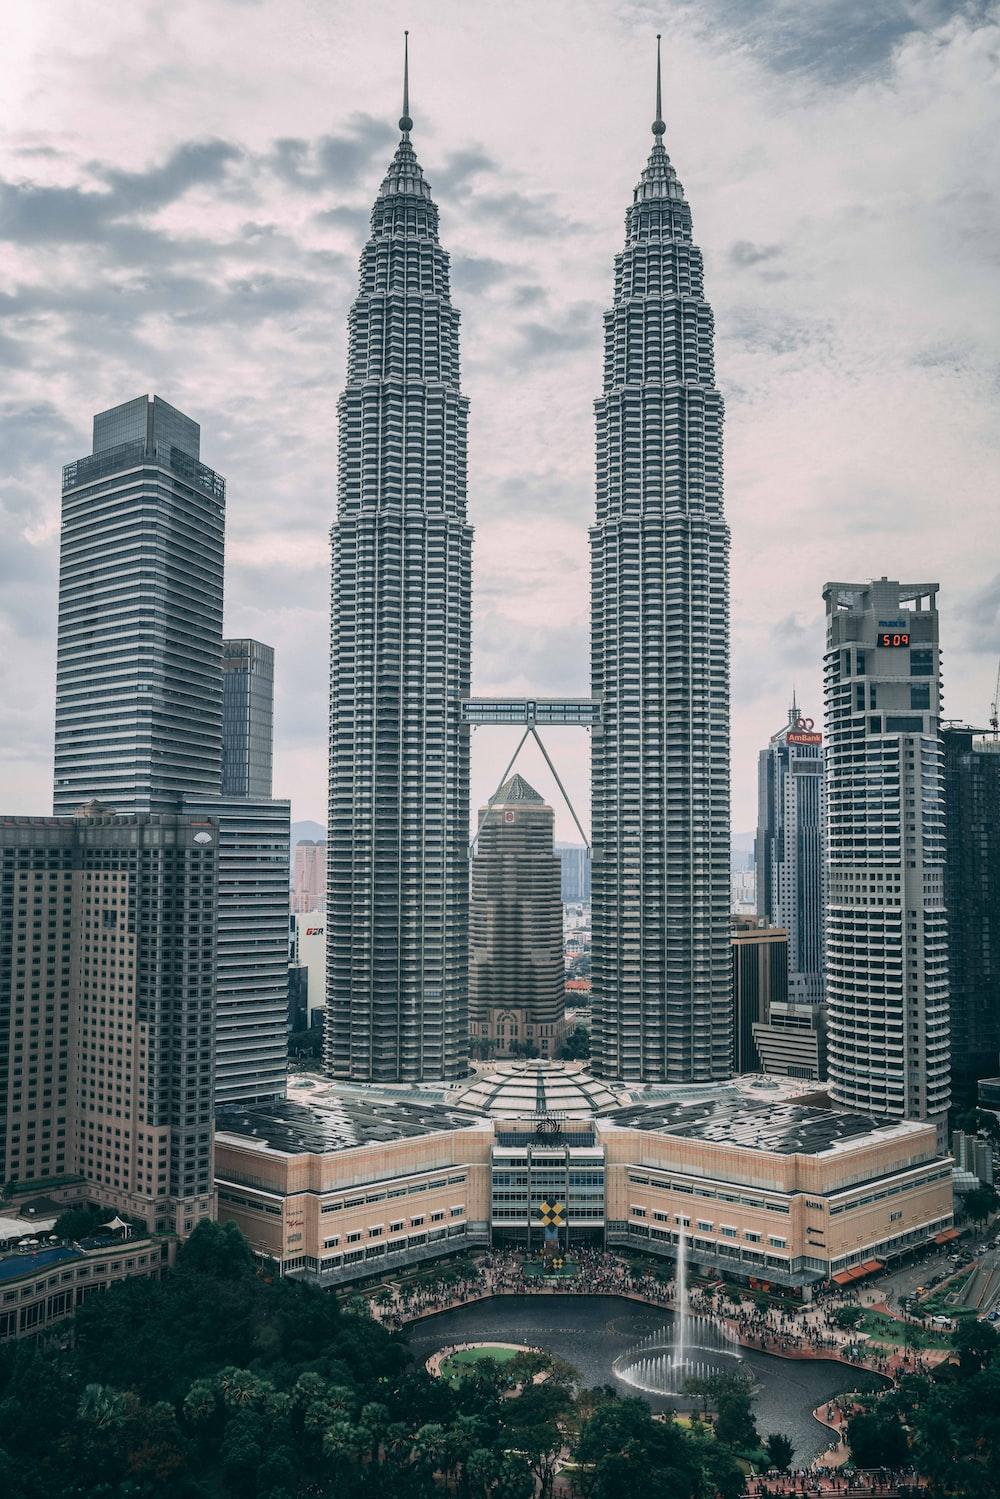 Petronas Twin Towers, Kuala Lumpur, Malaysia during daytime